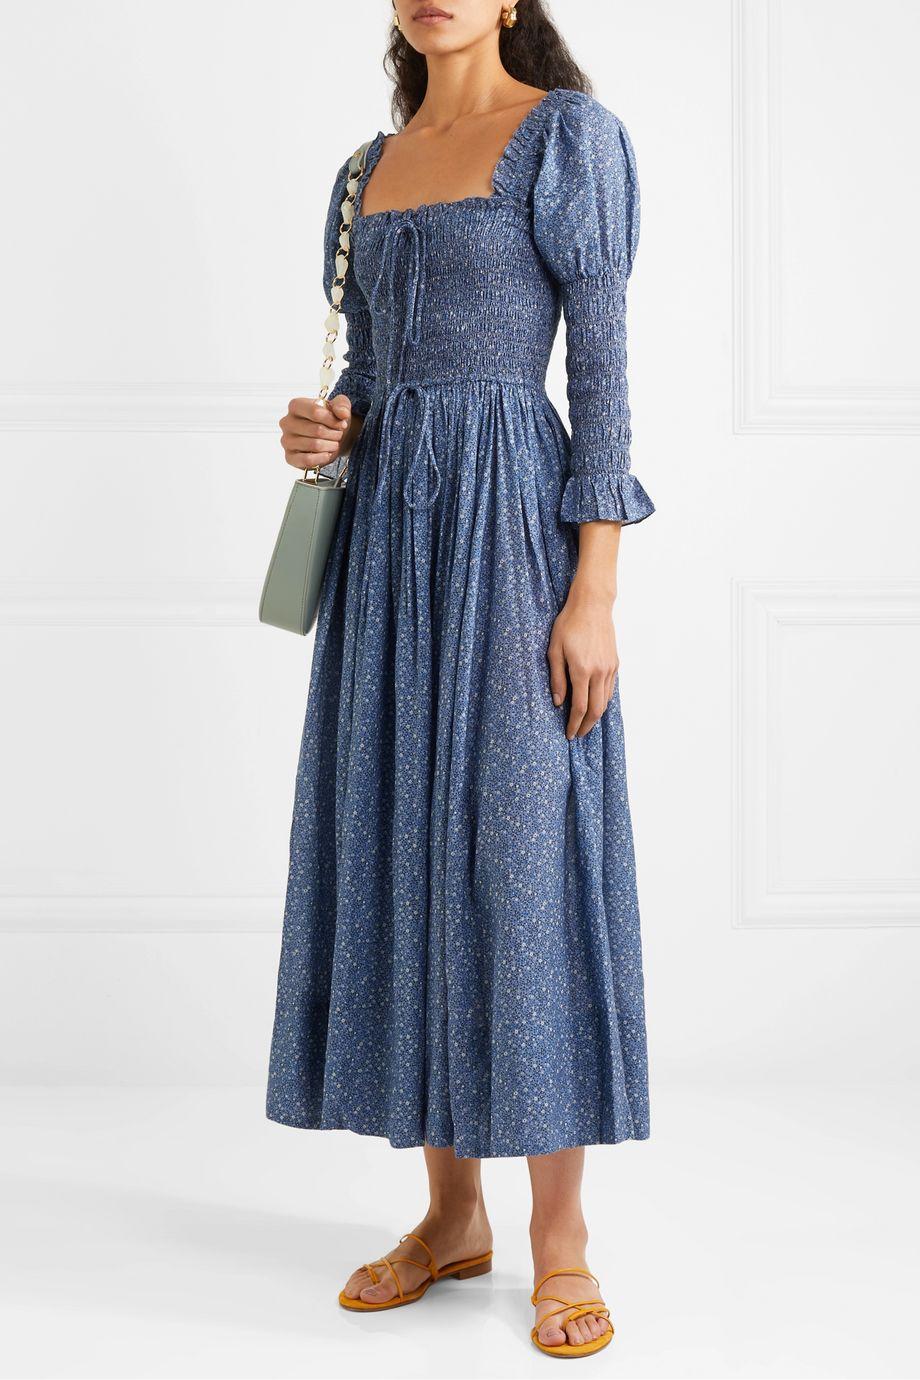 DÔEN Bijou smocked floral-print cotton-blend dress